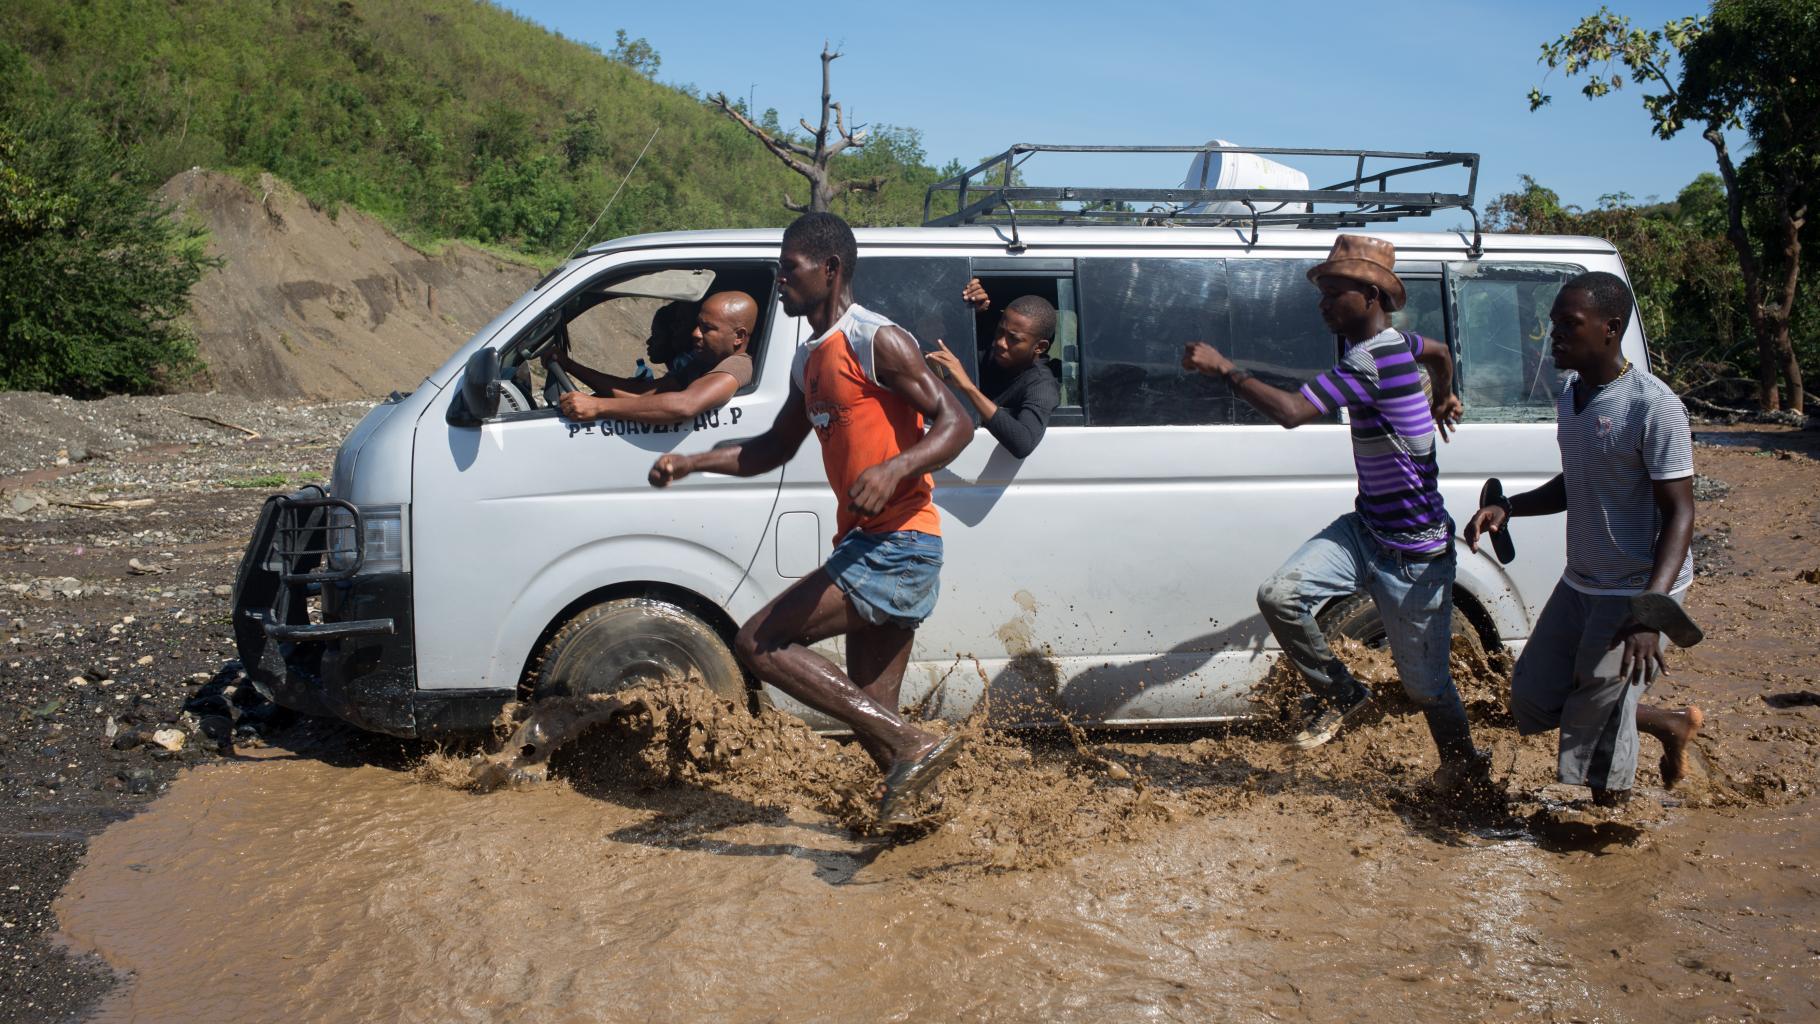 Ein weißer Transporter fährt durch einen Fluss ans Ufer, während einige Männer nebenher durch das Wasser rennen.